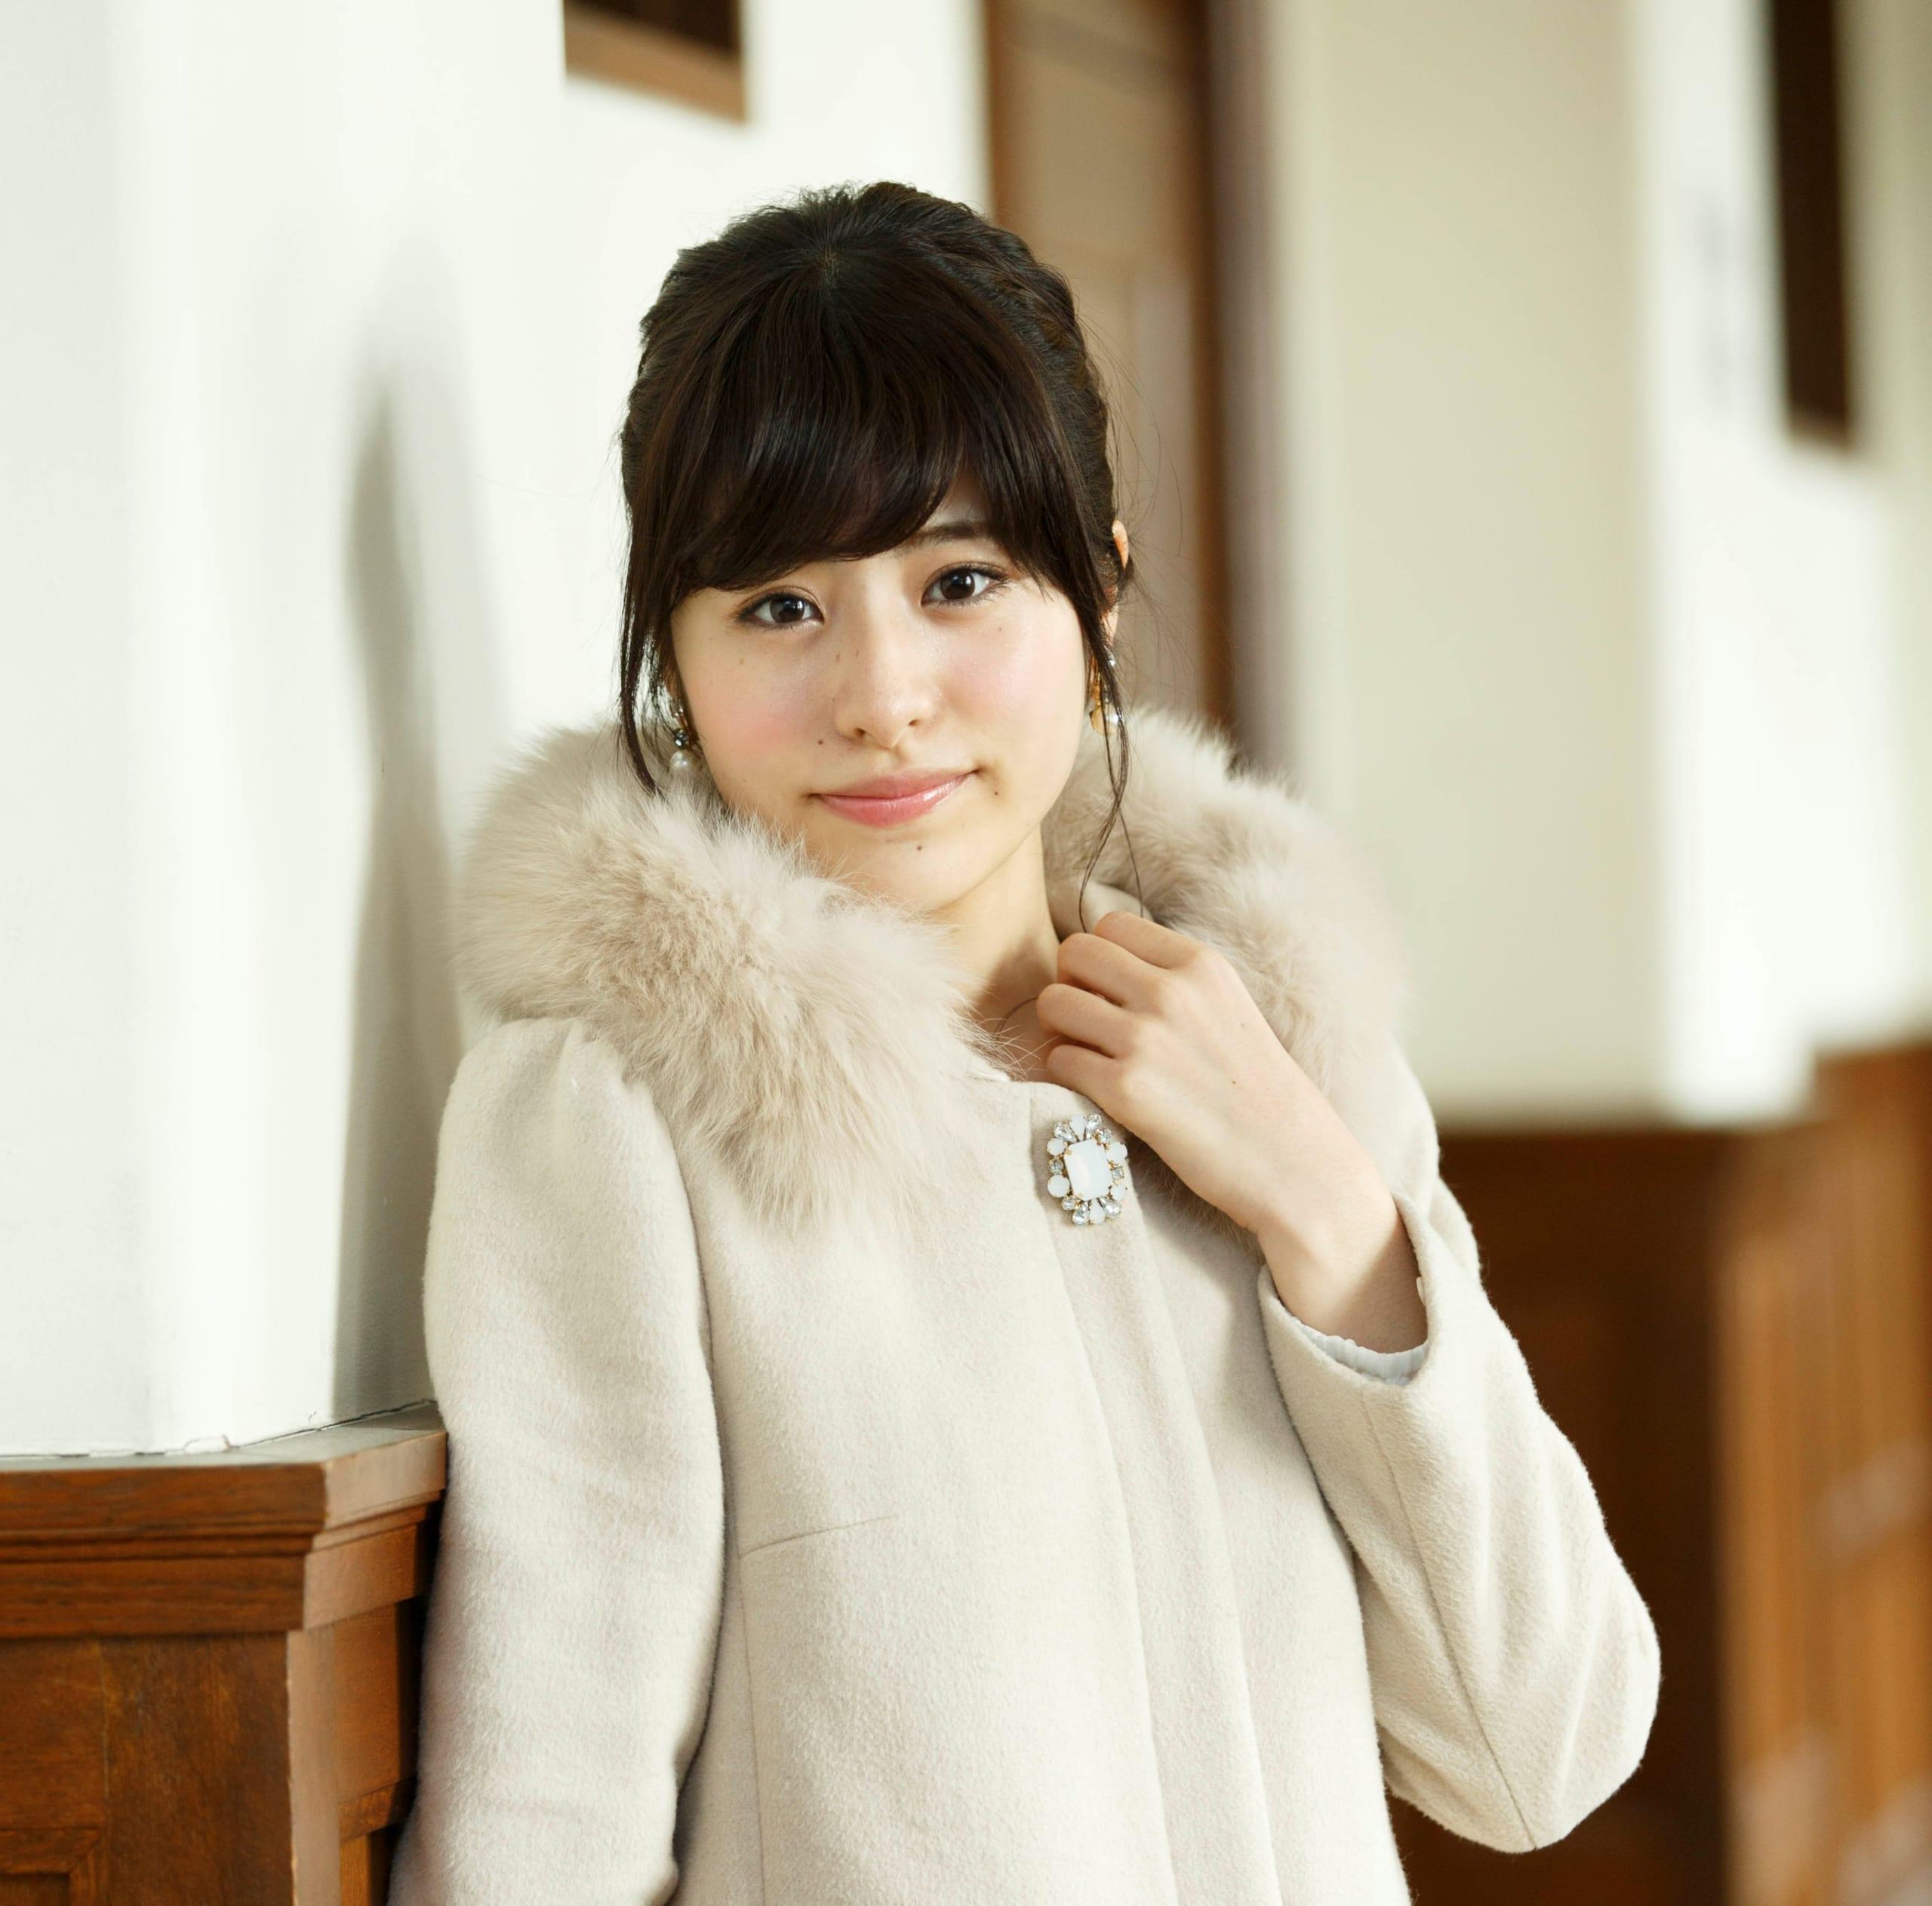 【ミスキャン特集】<br />誌面に載らなかった秘蔵カットを大公開<br />第4回 ミス上智 石本 花ちゃん